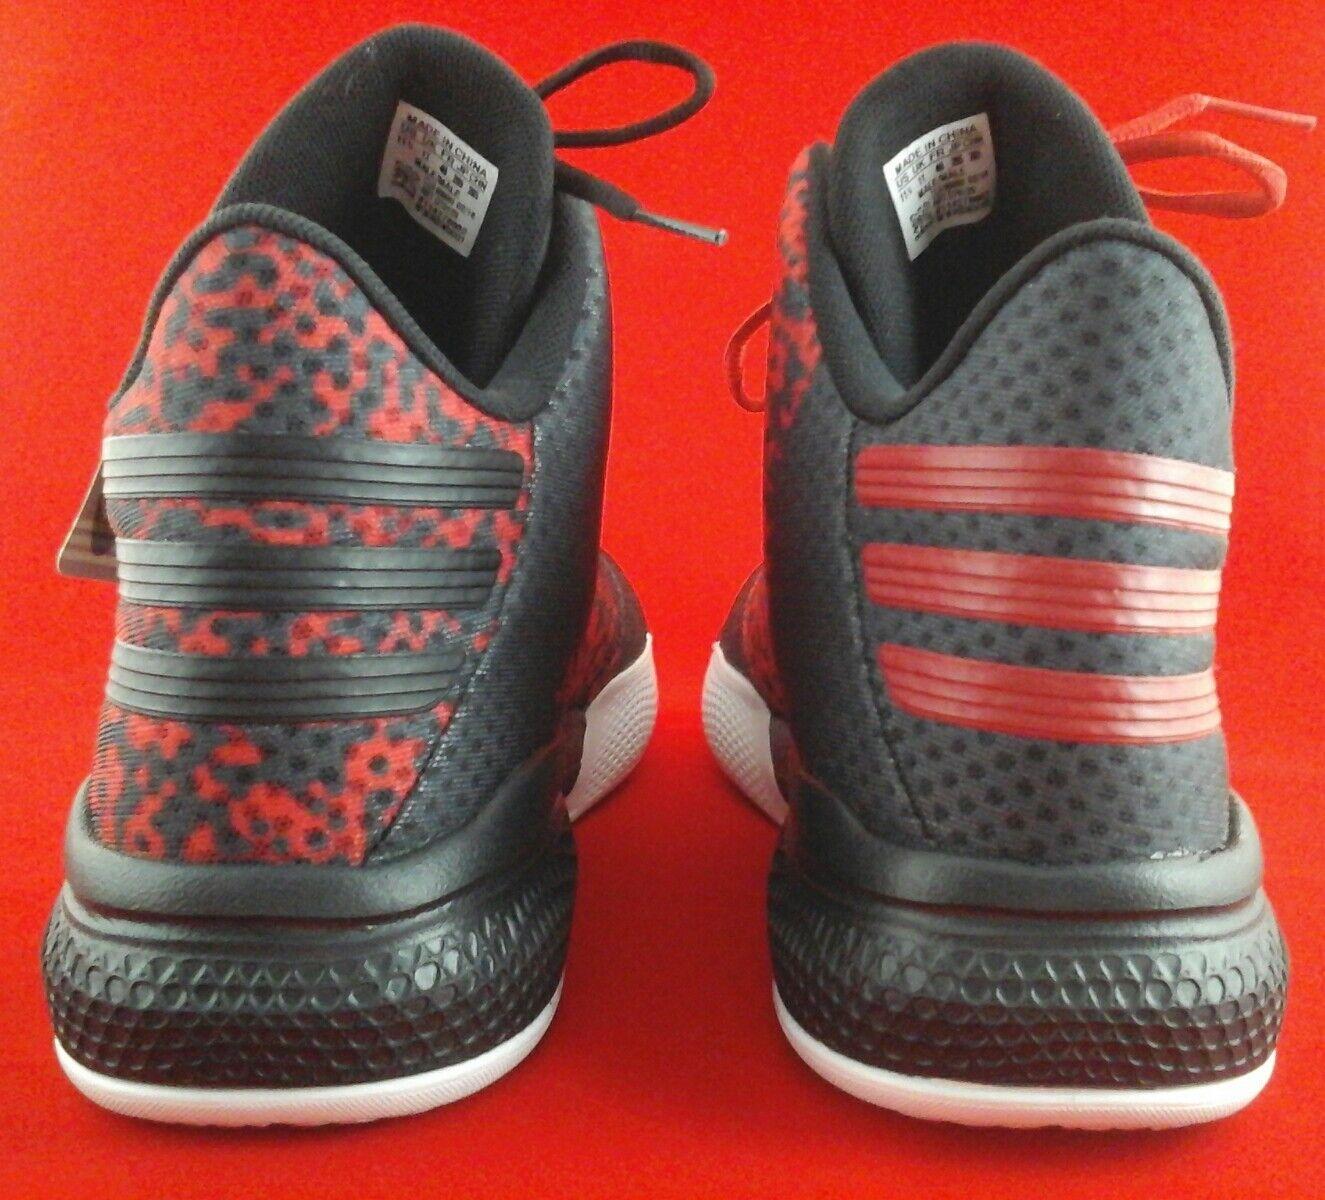 Adidas Bounce Homme Basketball Chaussures NBA D70129 Noir